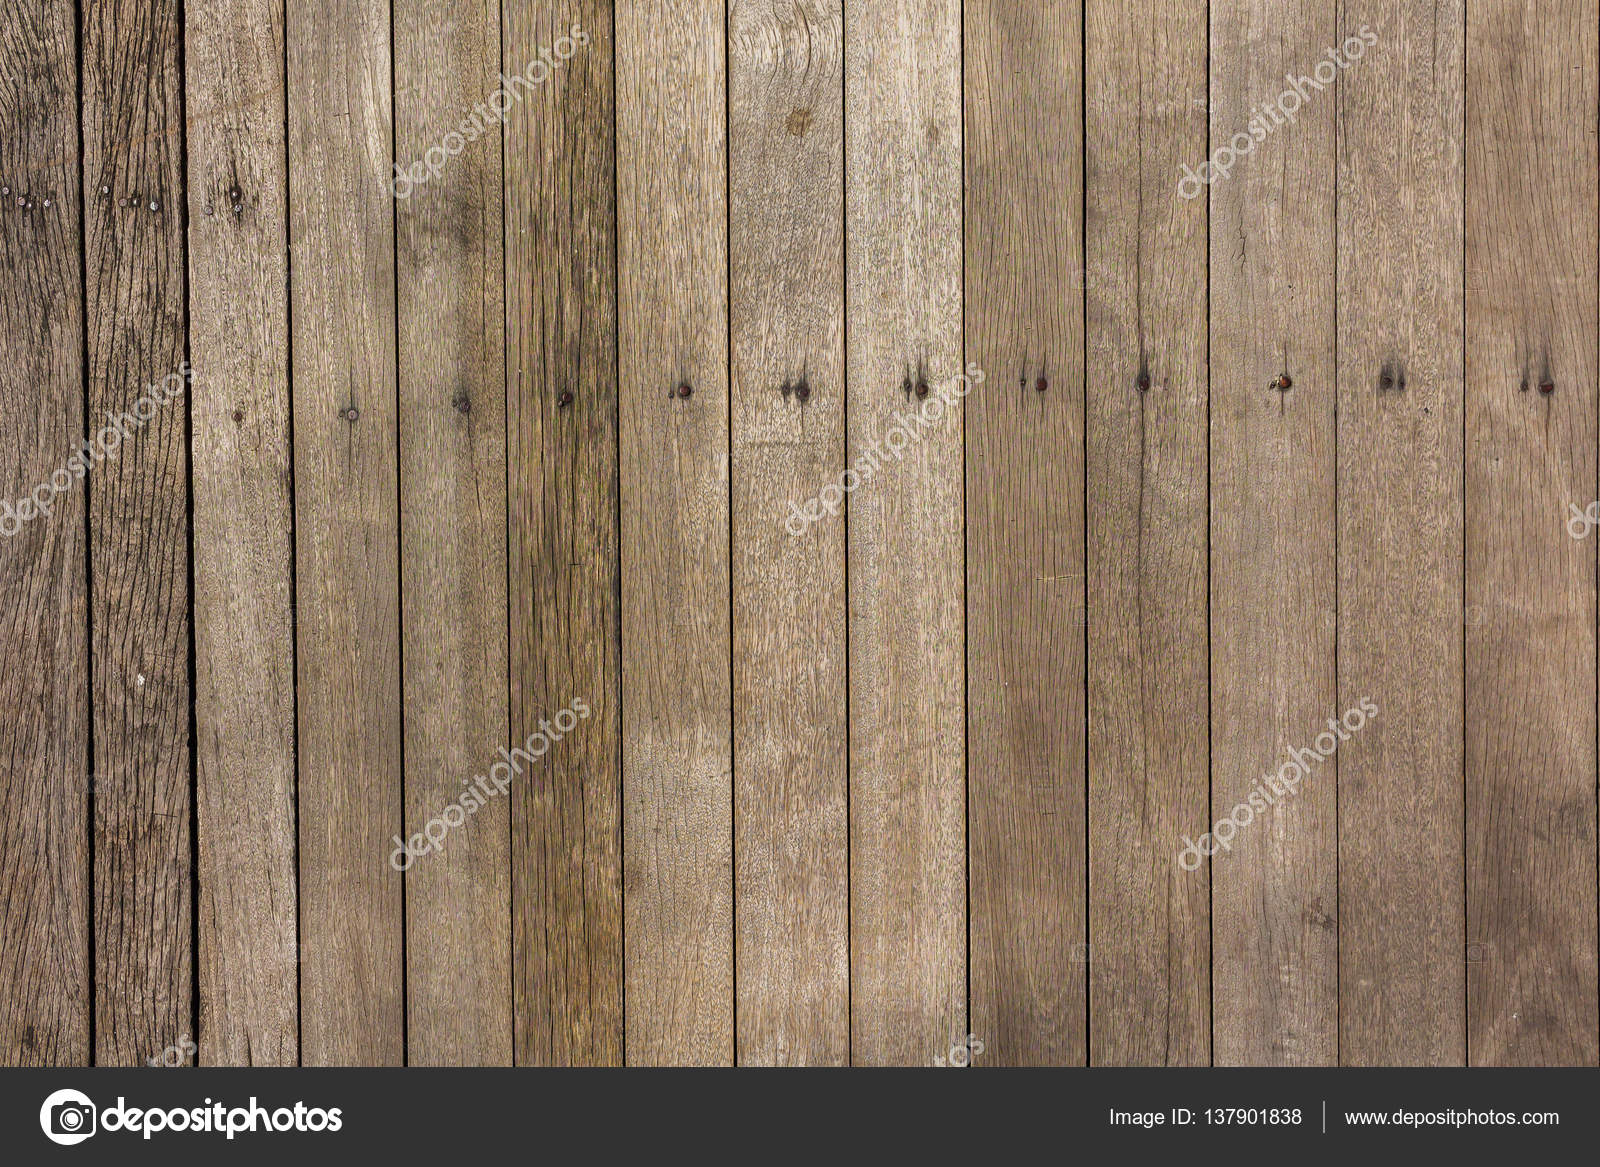 Alten Holzbrett Hintergrund Fliesen Holz Hintergrund Holz Textur